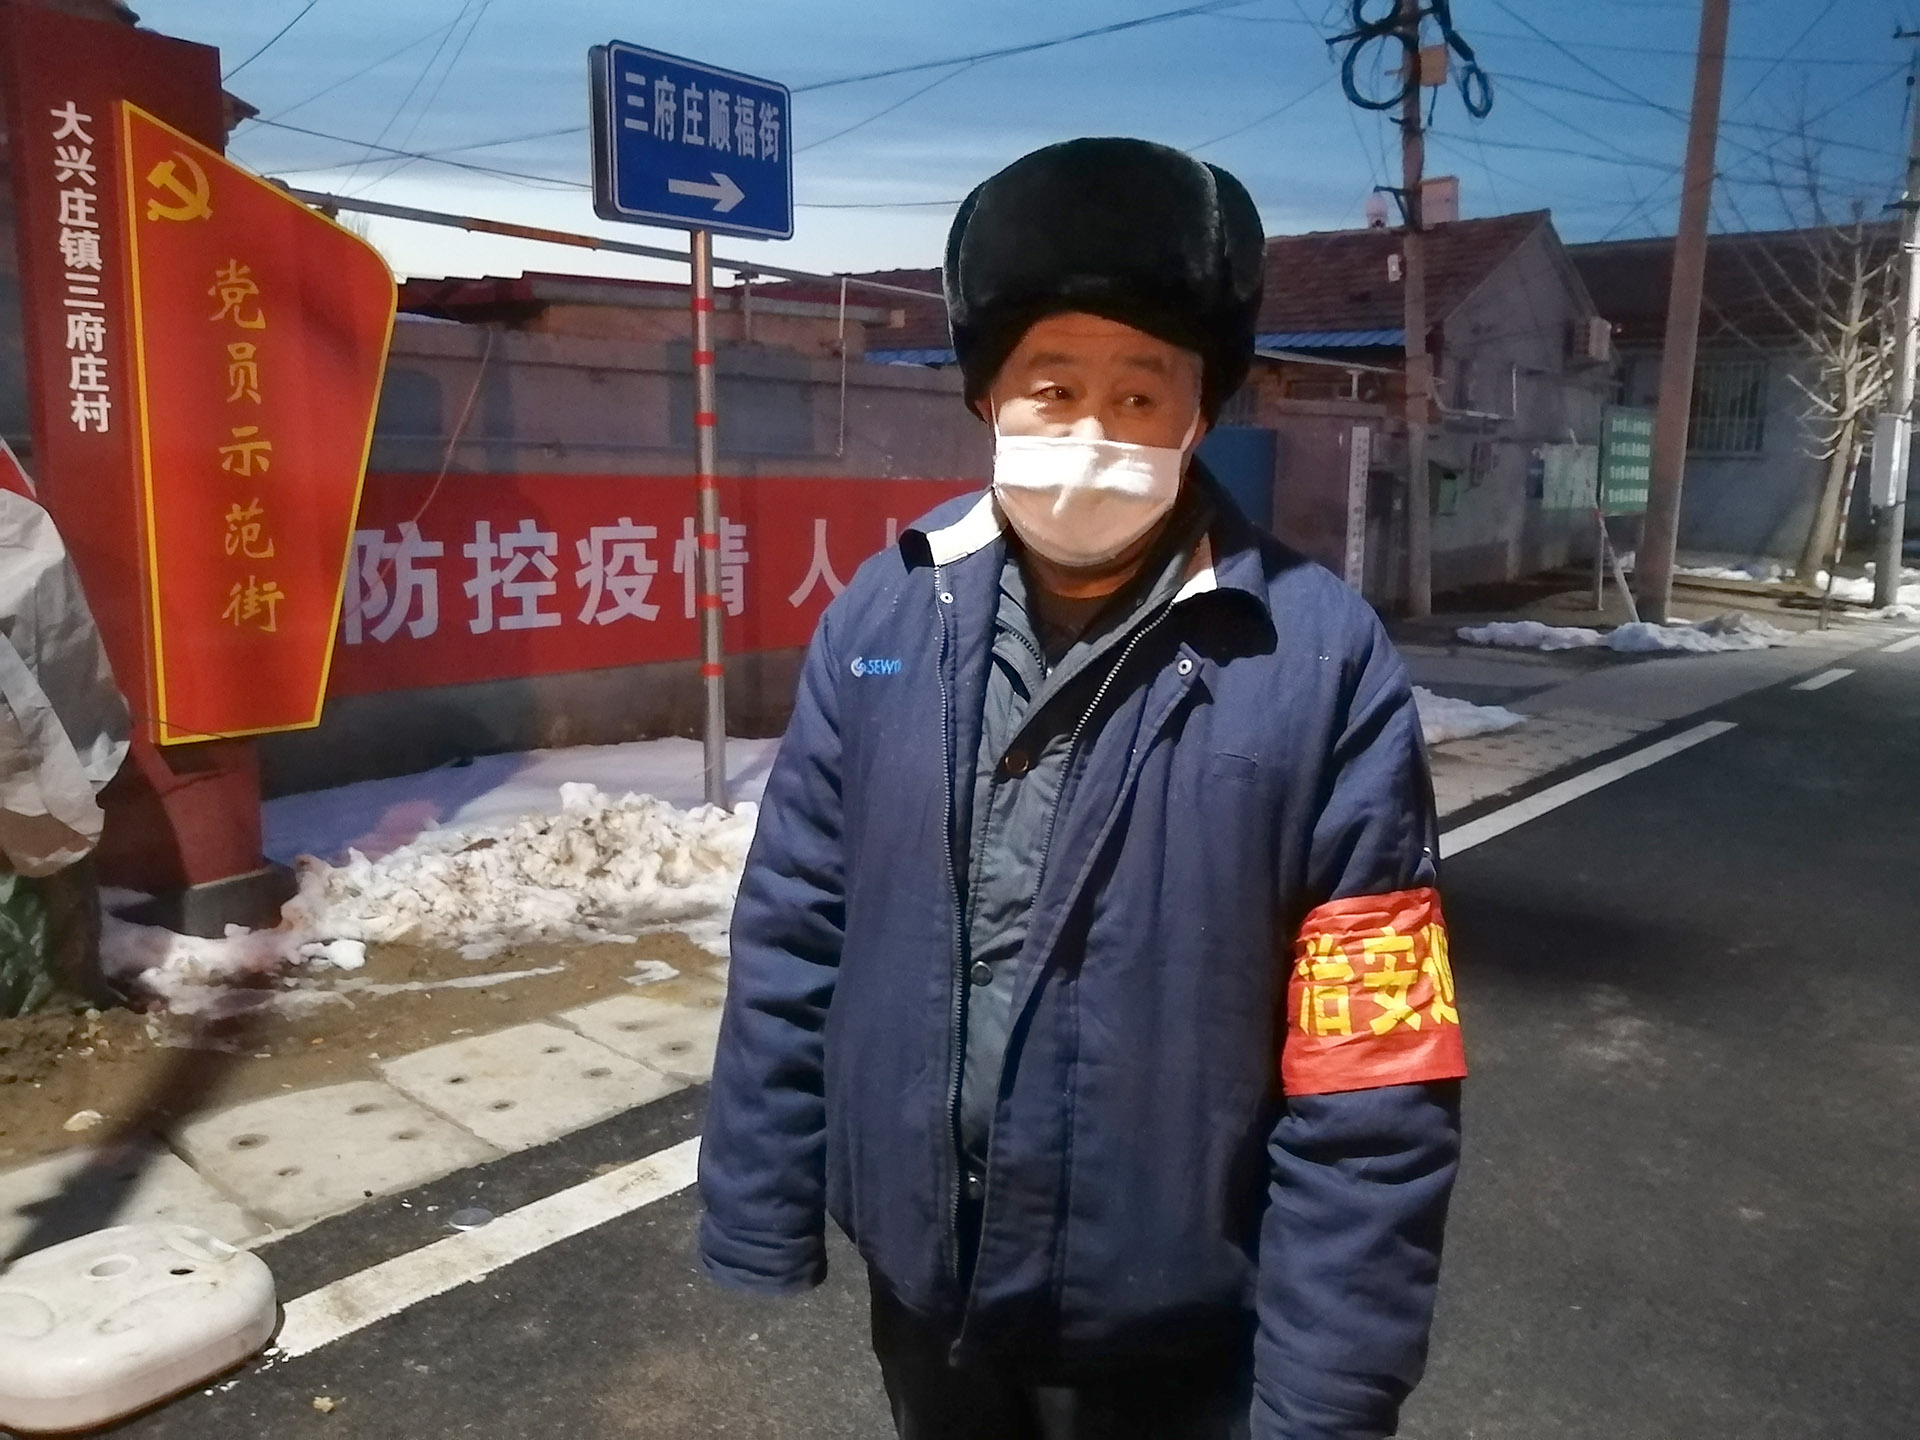 孟凡军和他的工友们:只要人勤快就能多赚钱,希望早点开工